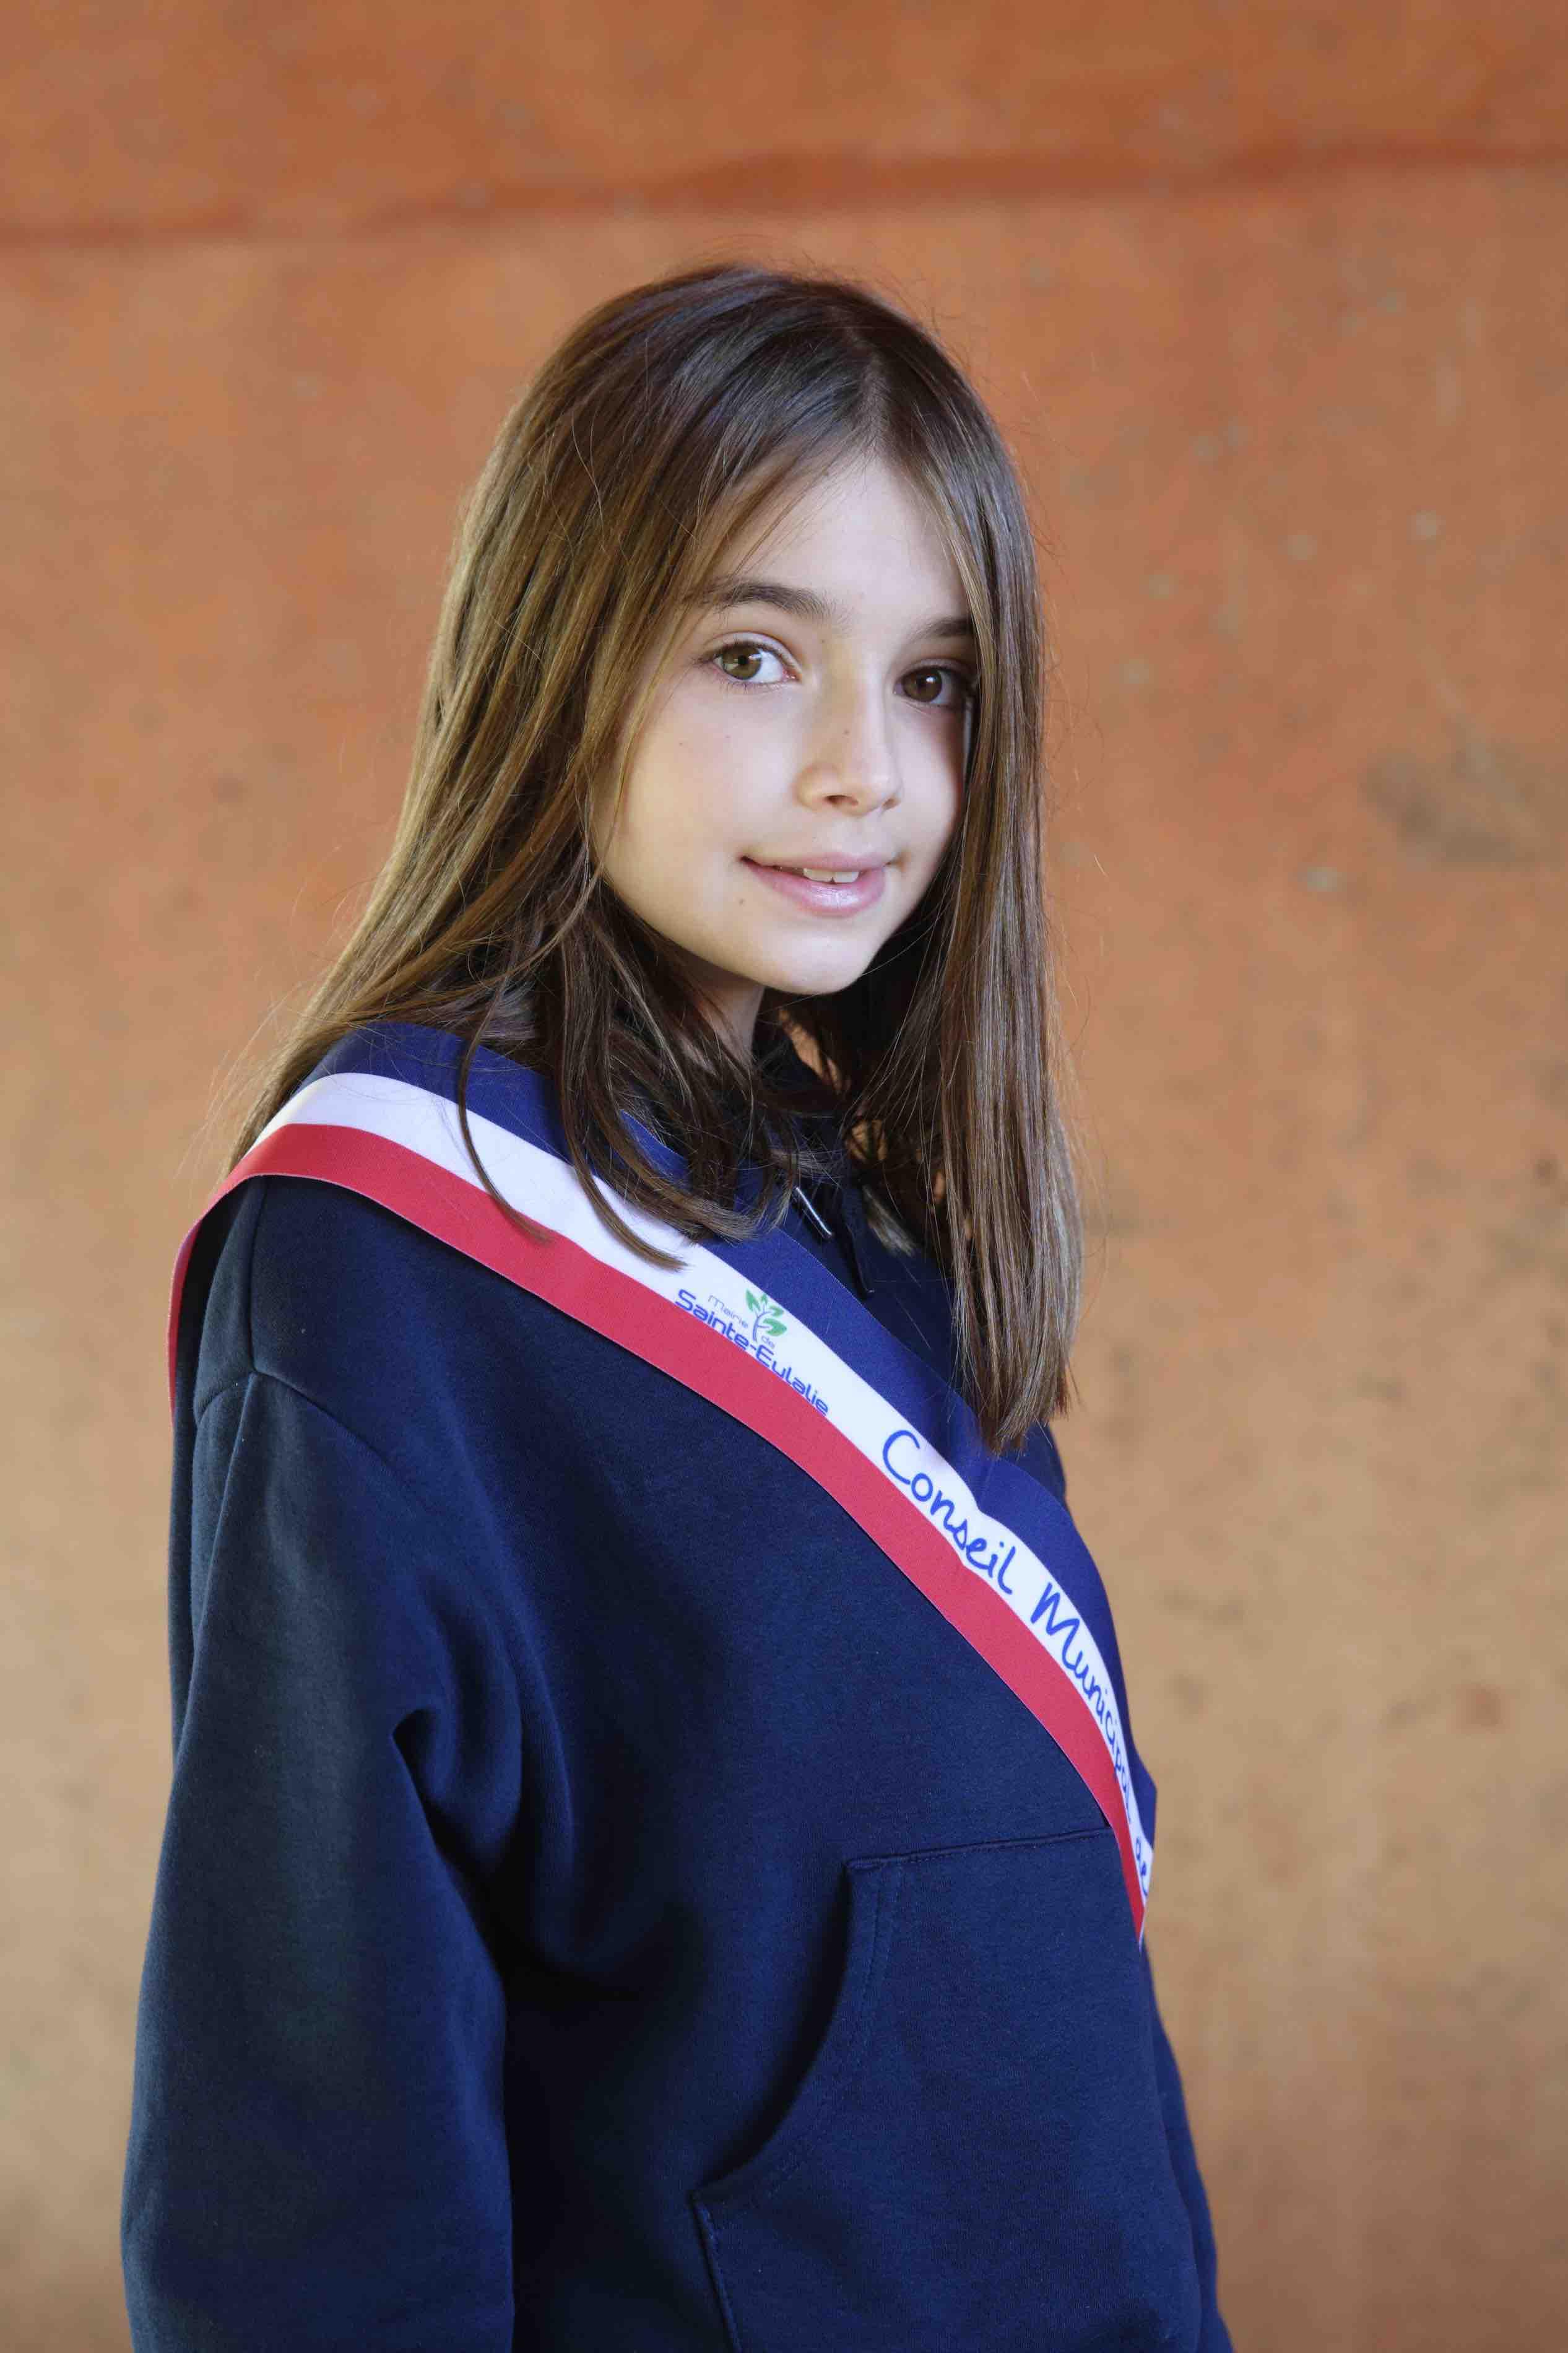 Camille Petiot